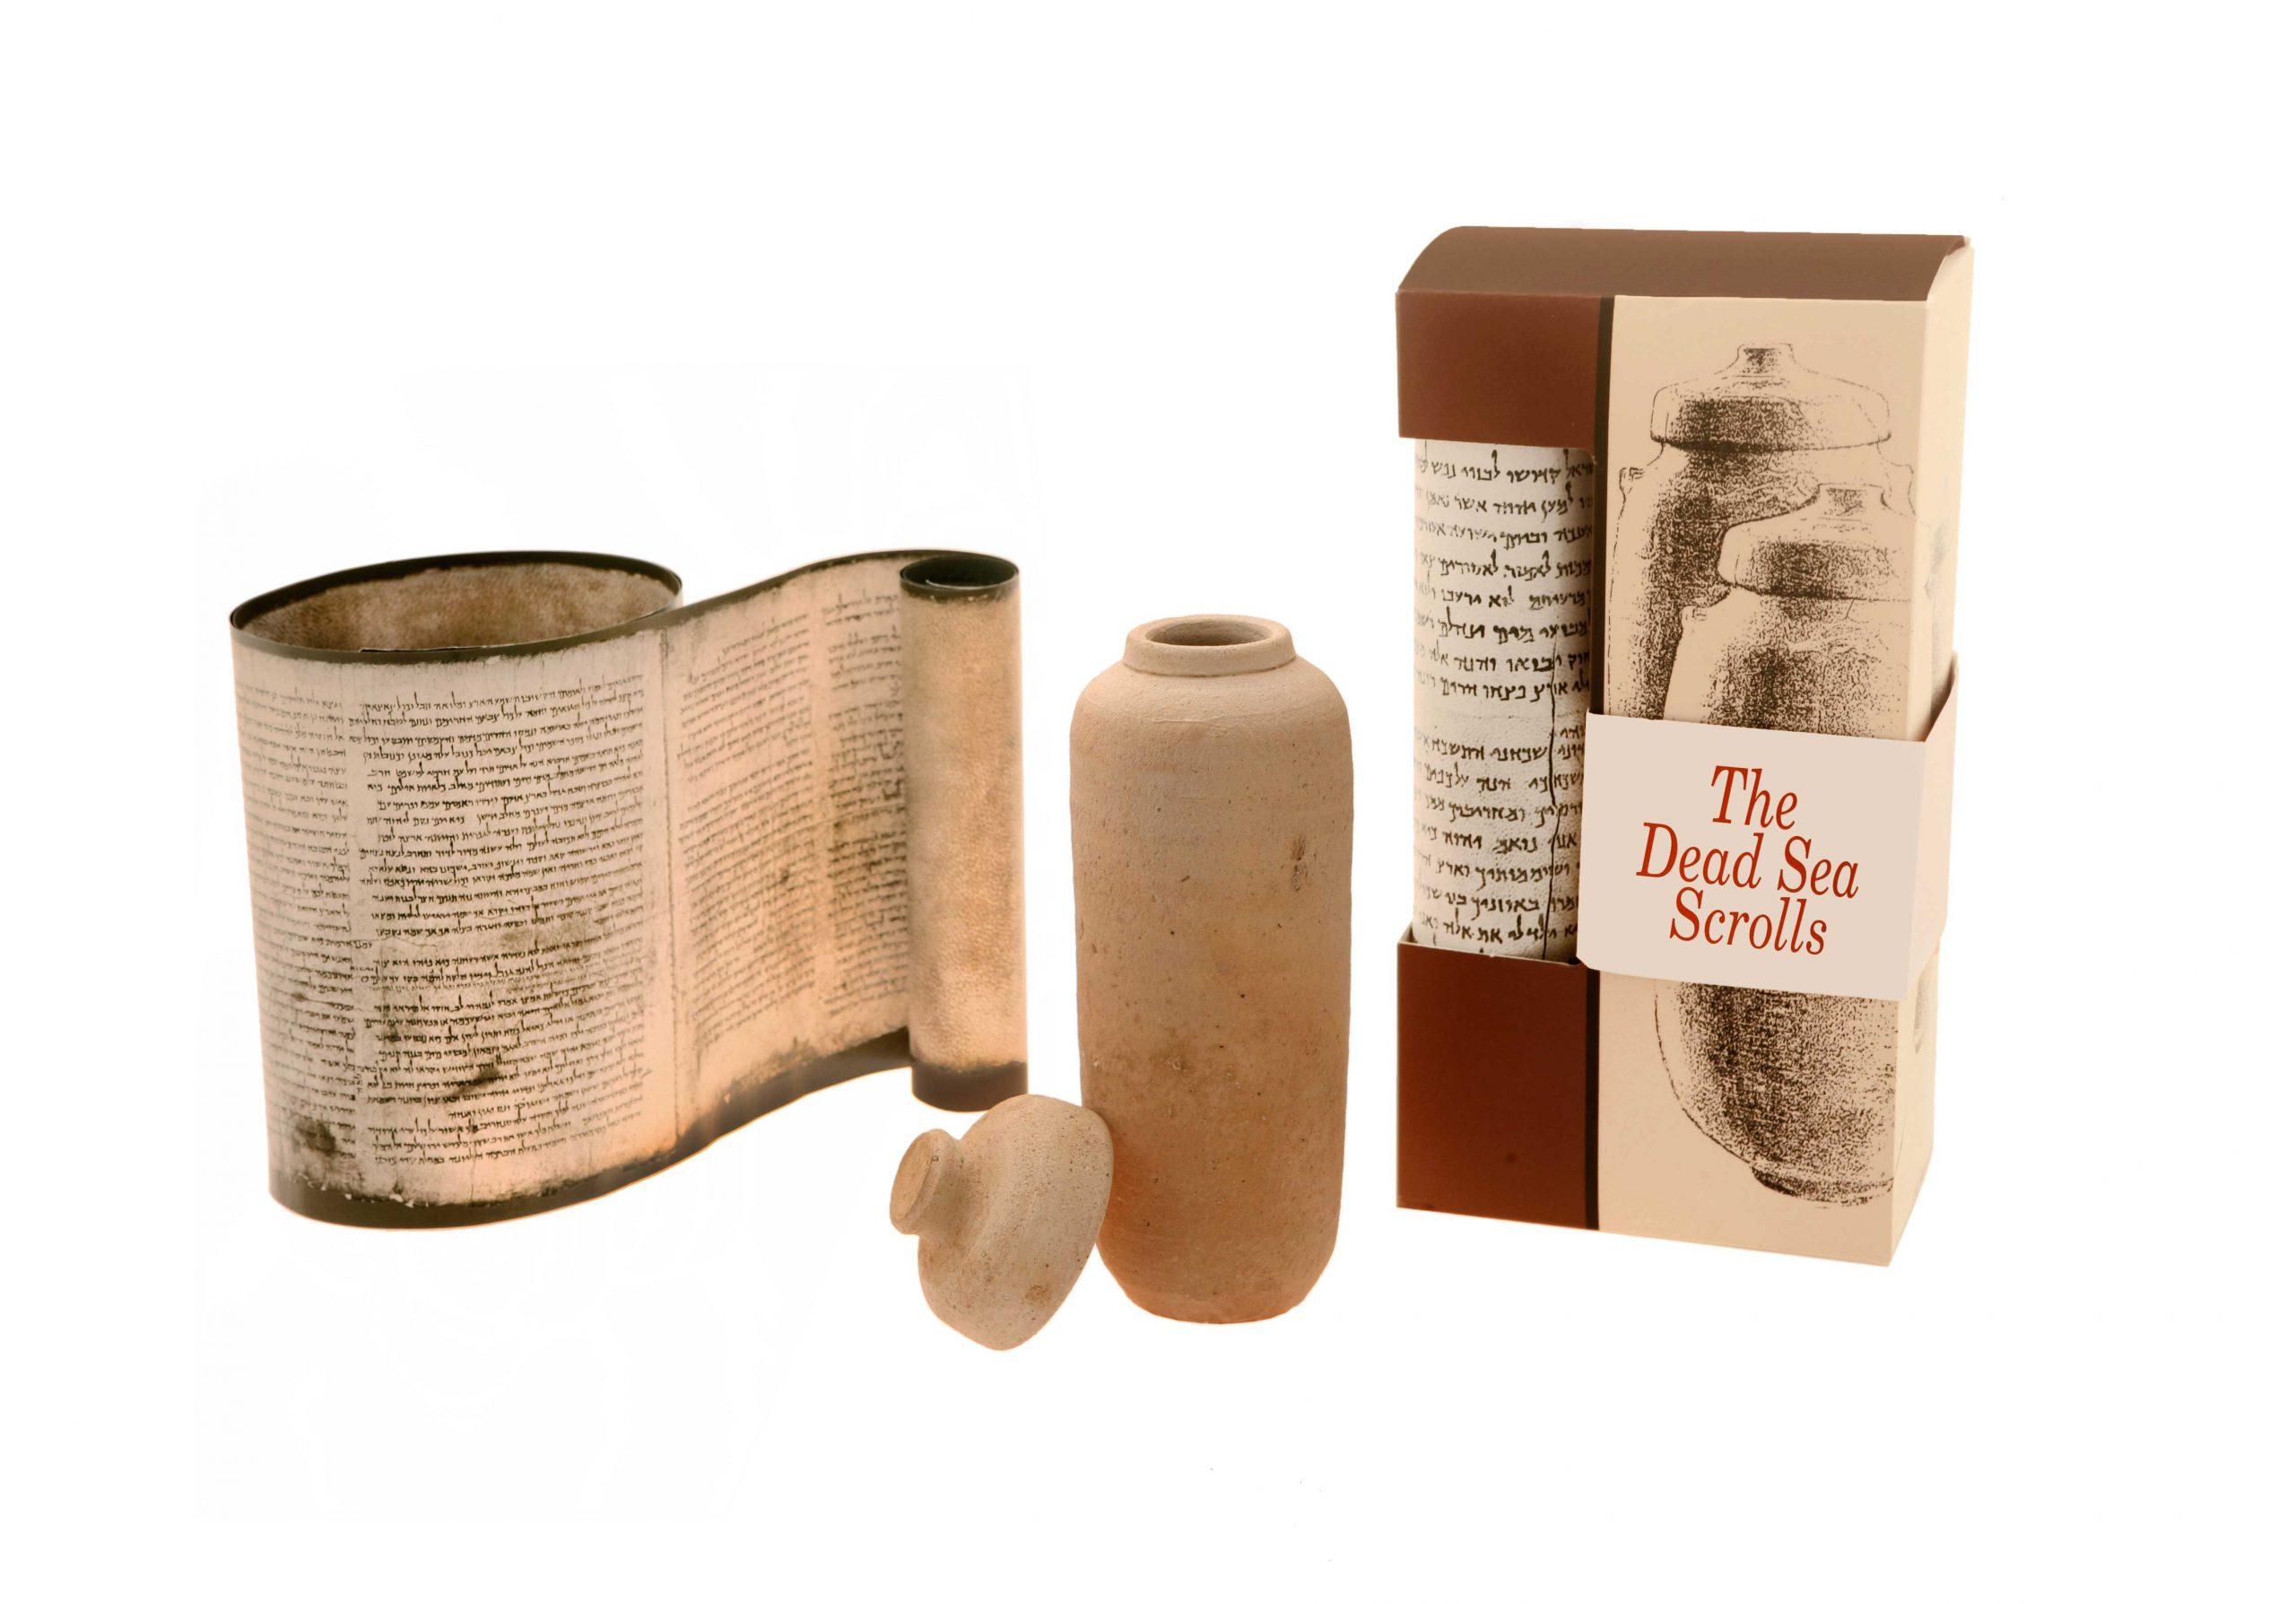 Replica Of The Dead Sea Scrolls, English